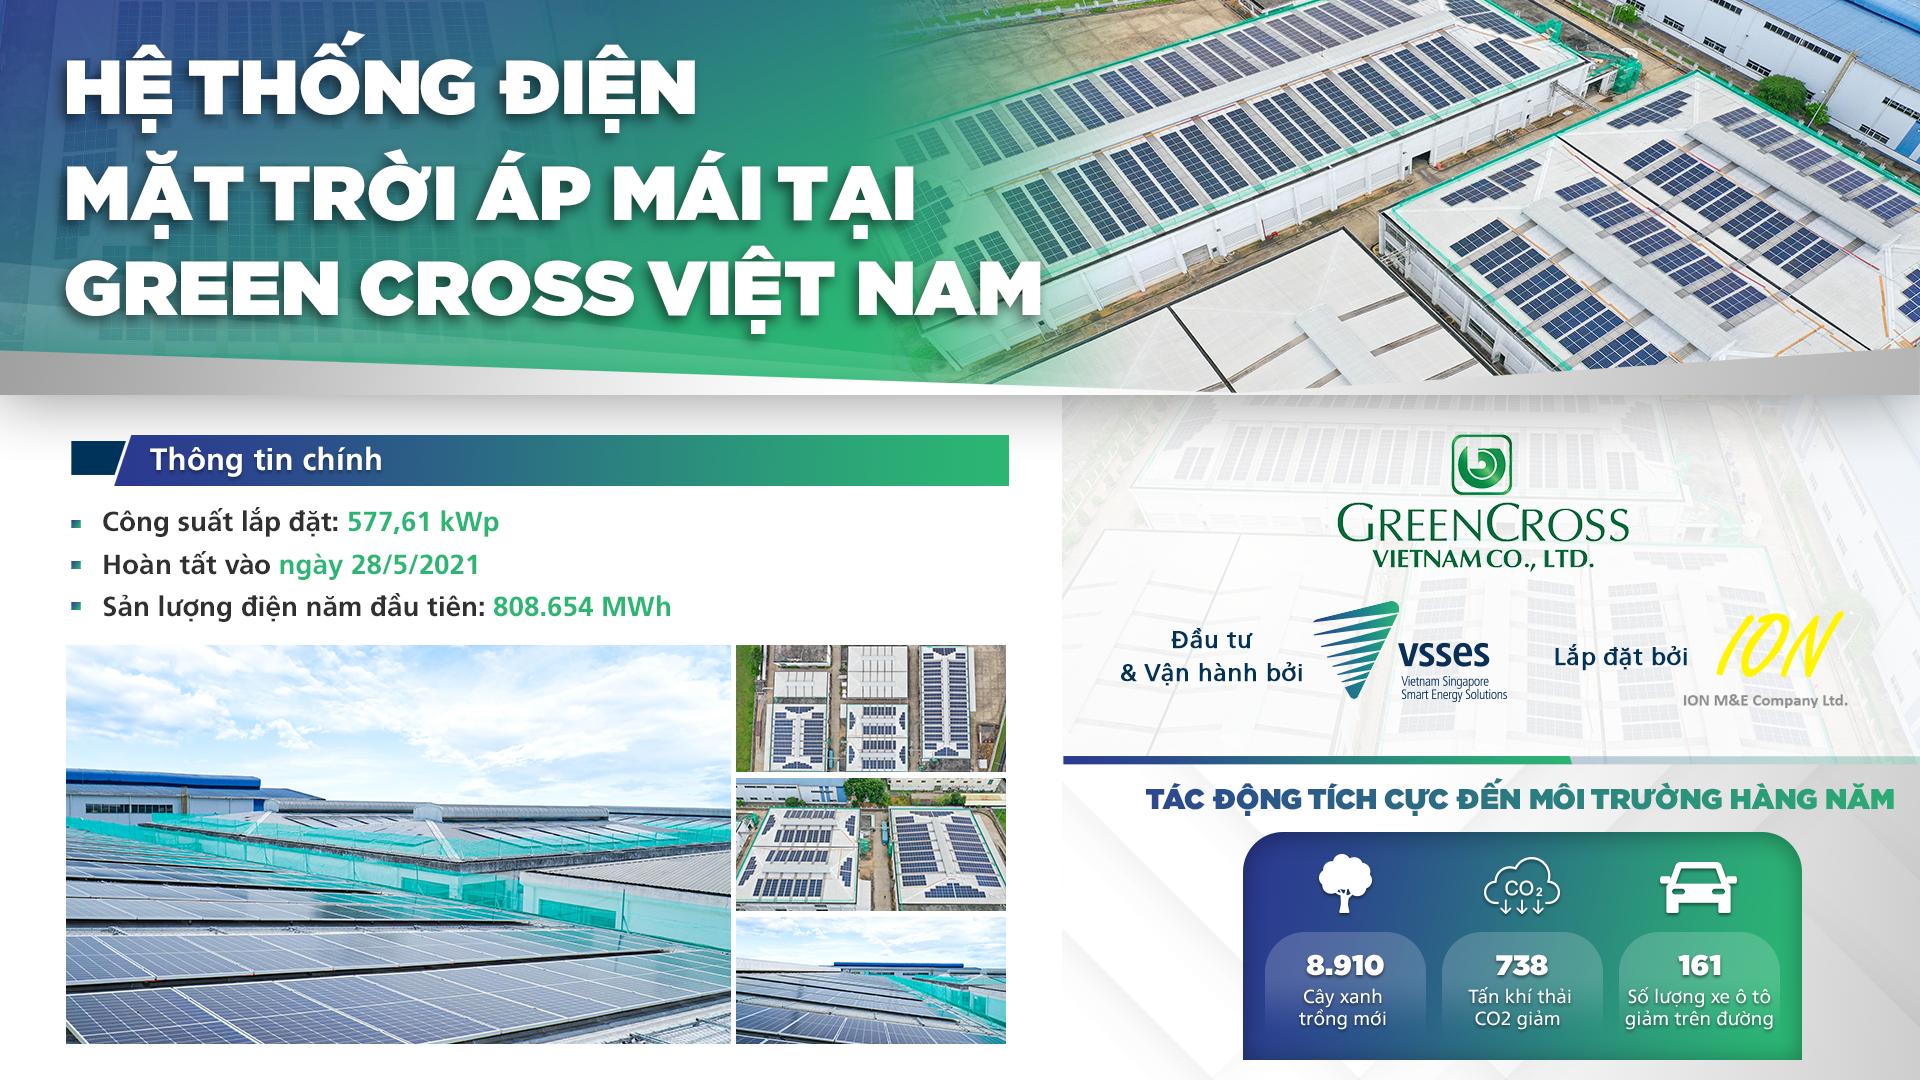 Green Cross Việt Nam sử dụng nguồn năng lượng xanh từ giải pháp điện mặt trời mái nhà của VSSES